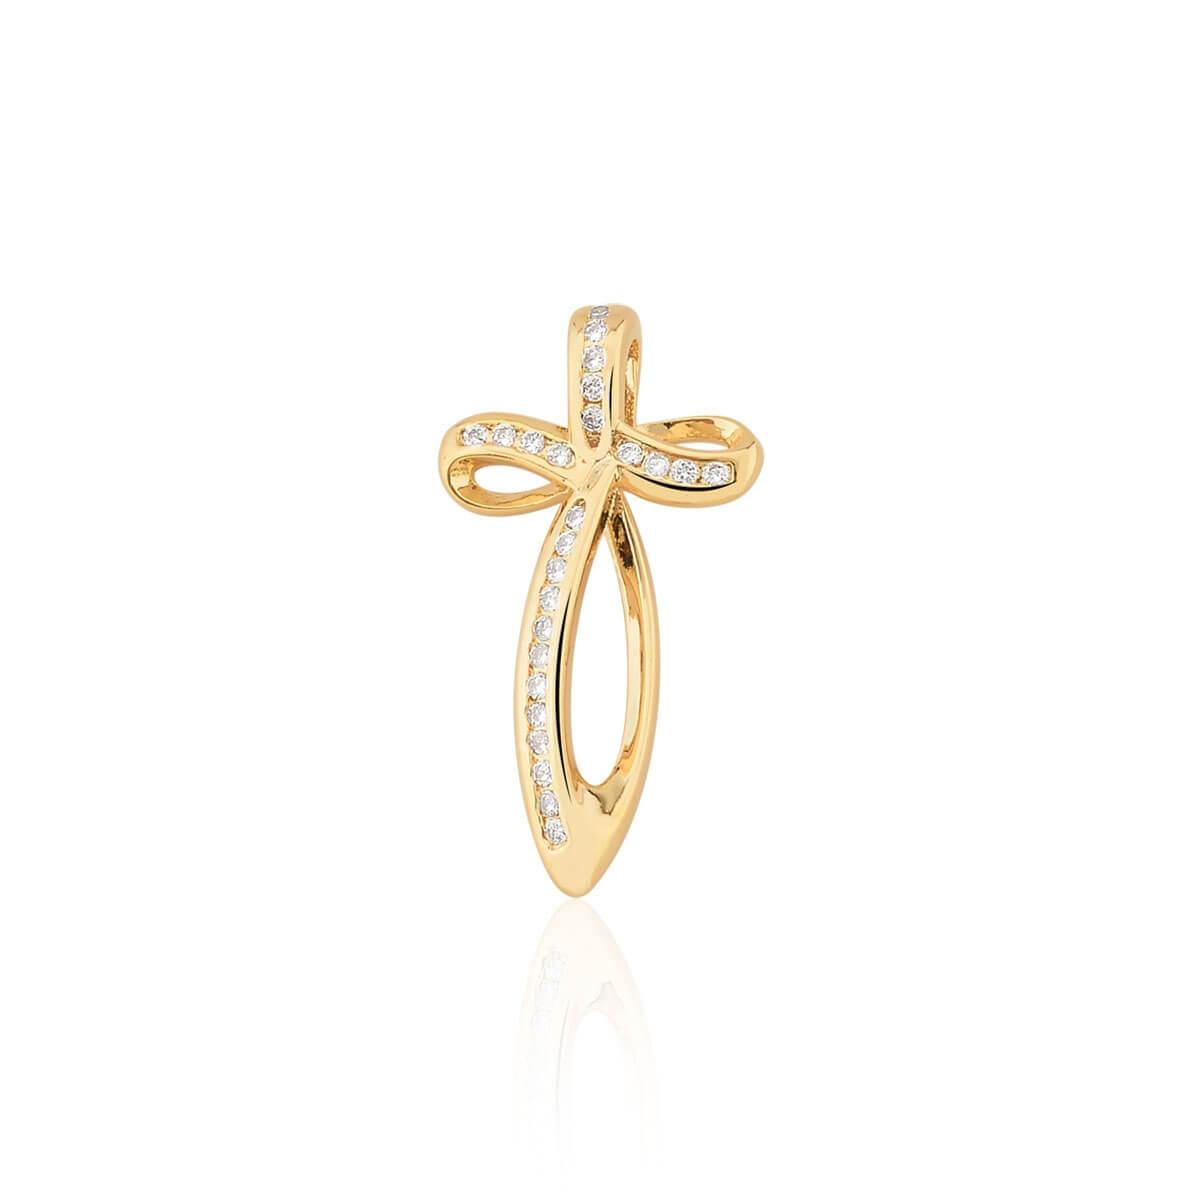 Pingente de Cruz Curva com Zircônias Brancas Banhado em ouro